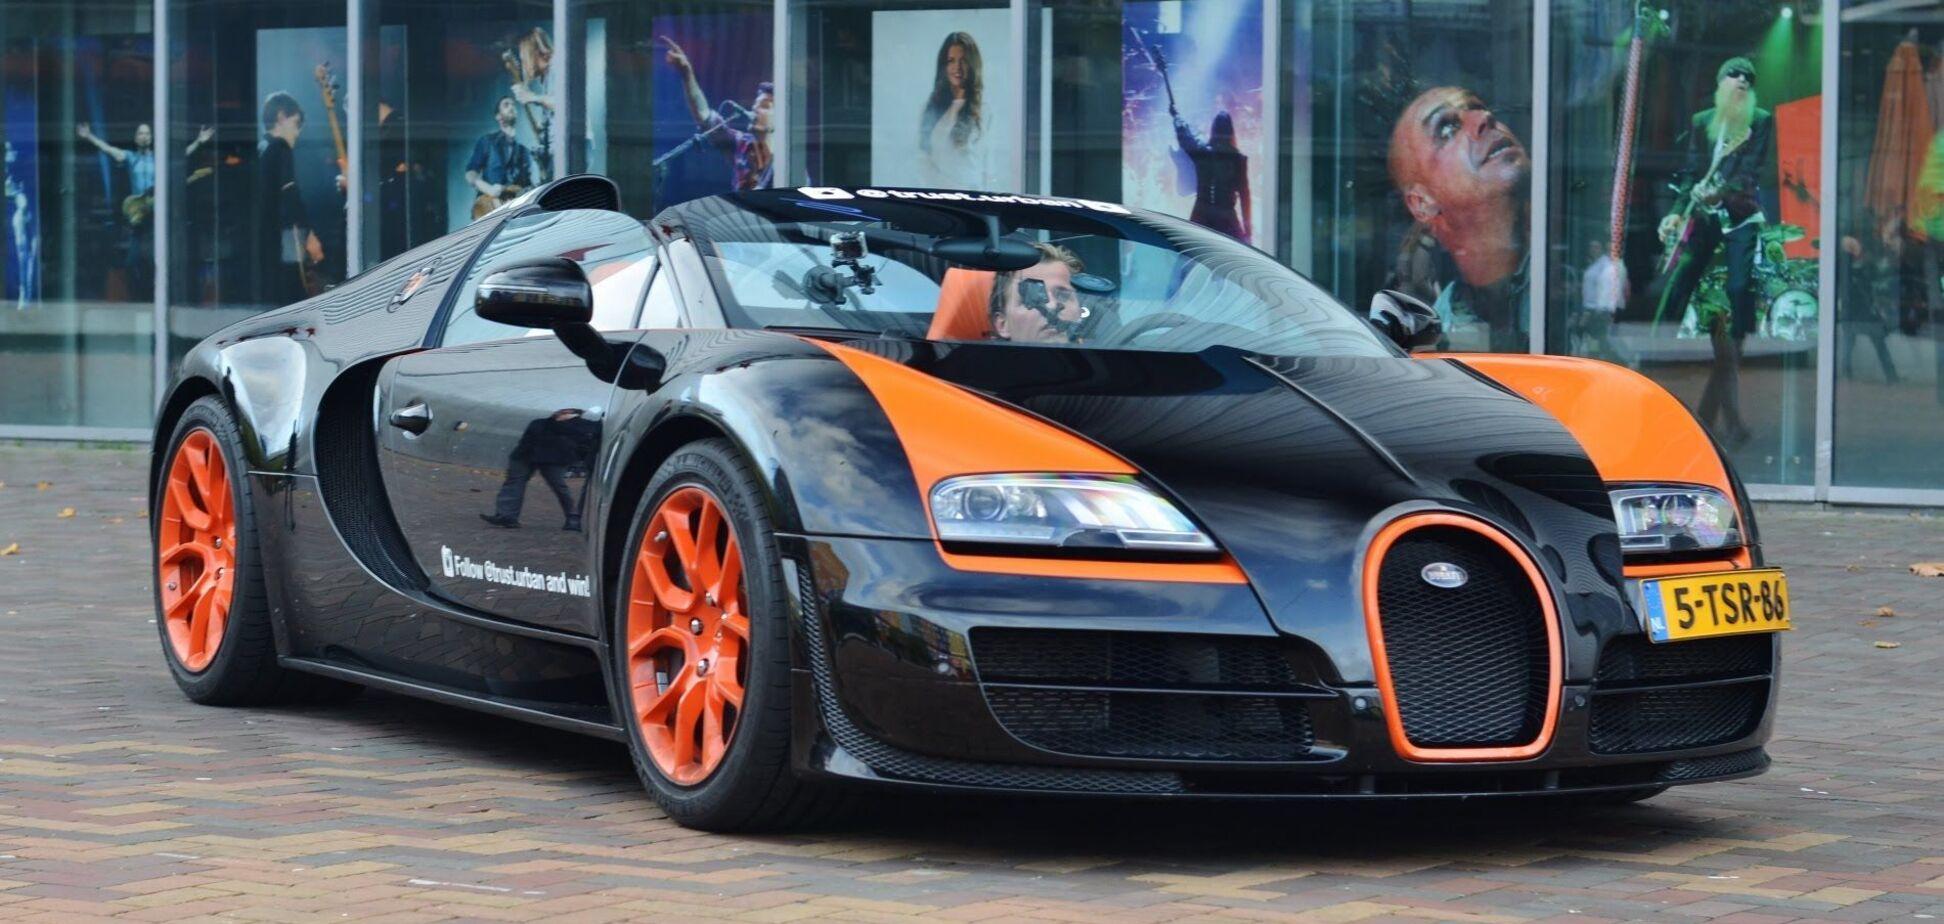 Автомобиль может разогнаться до 407 км/ч